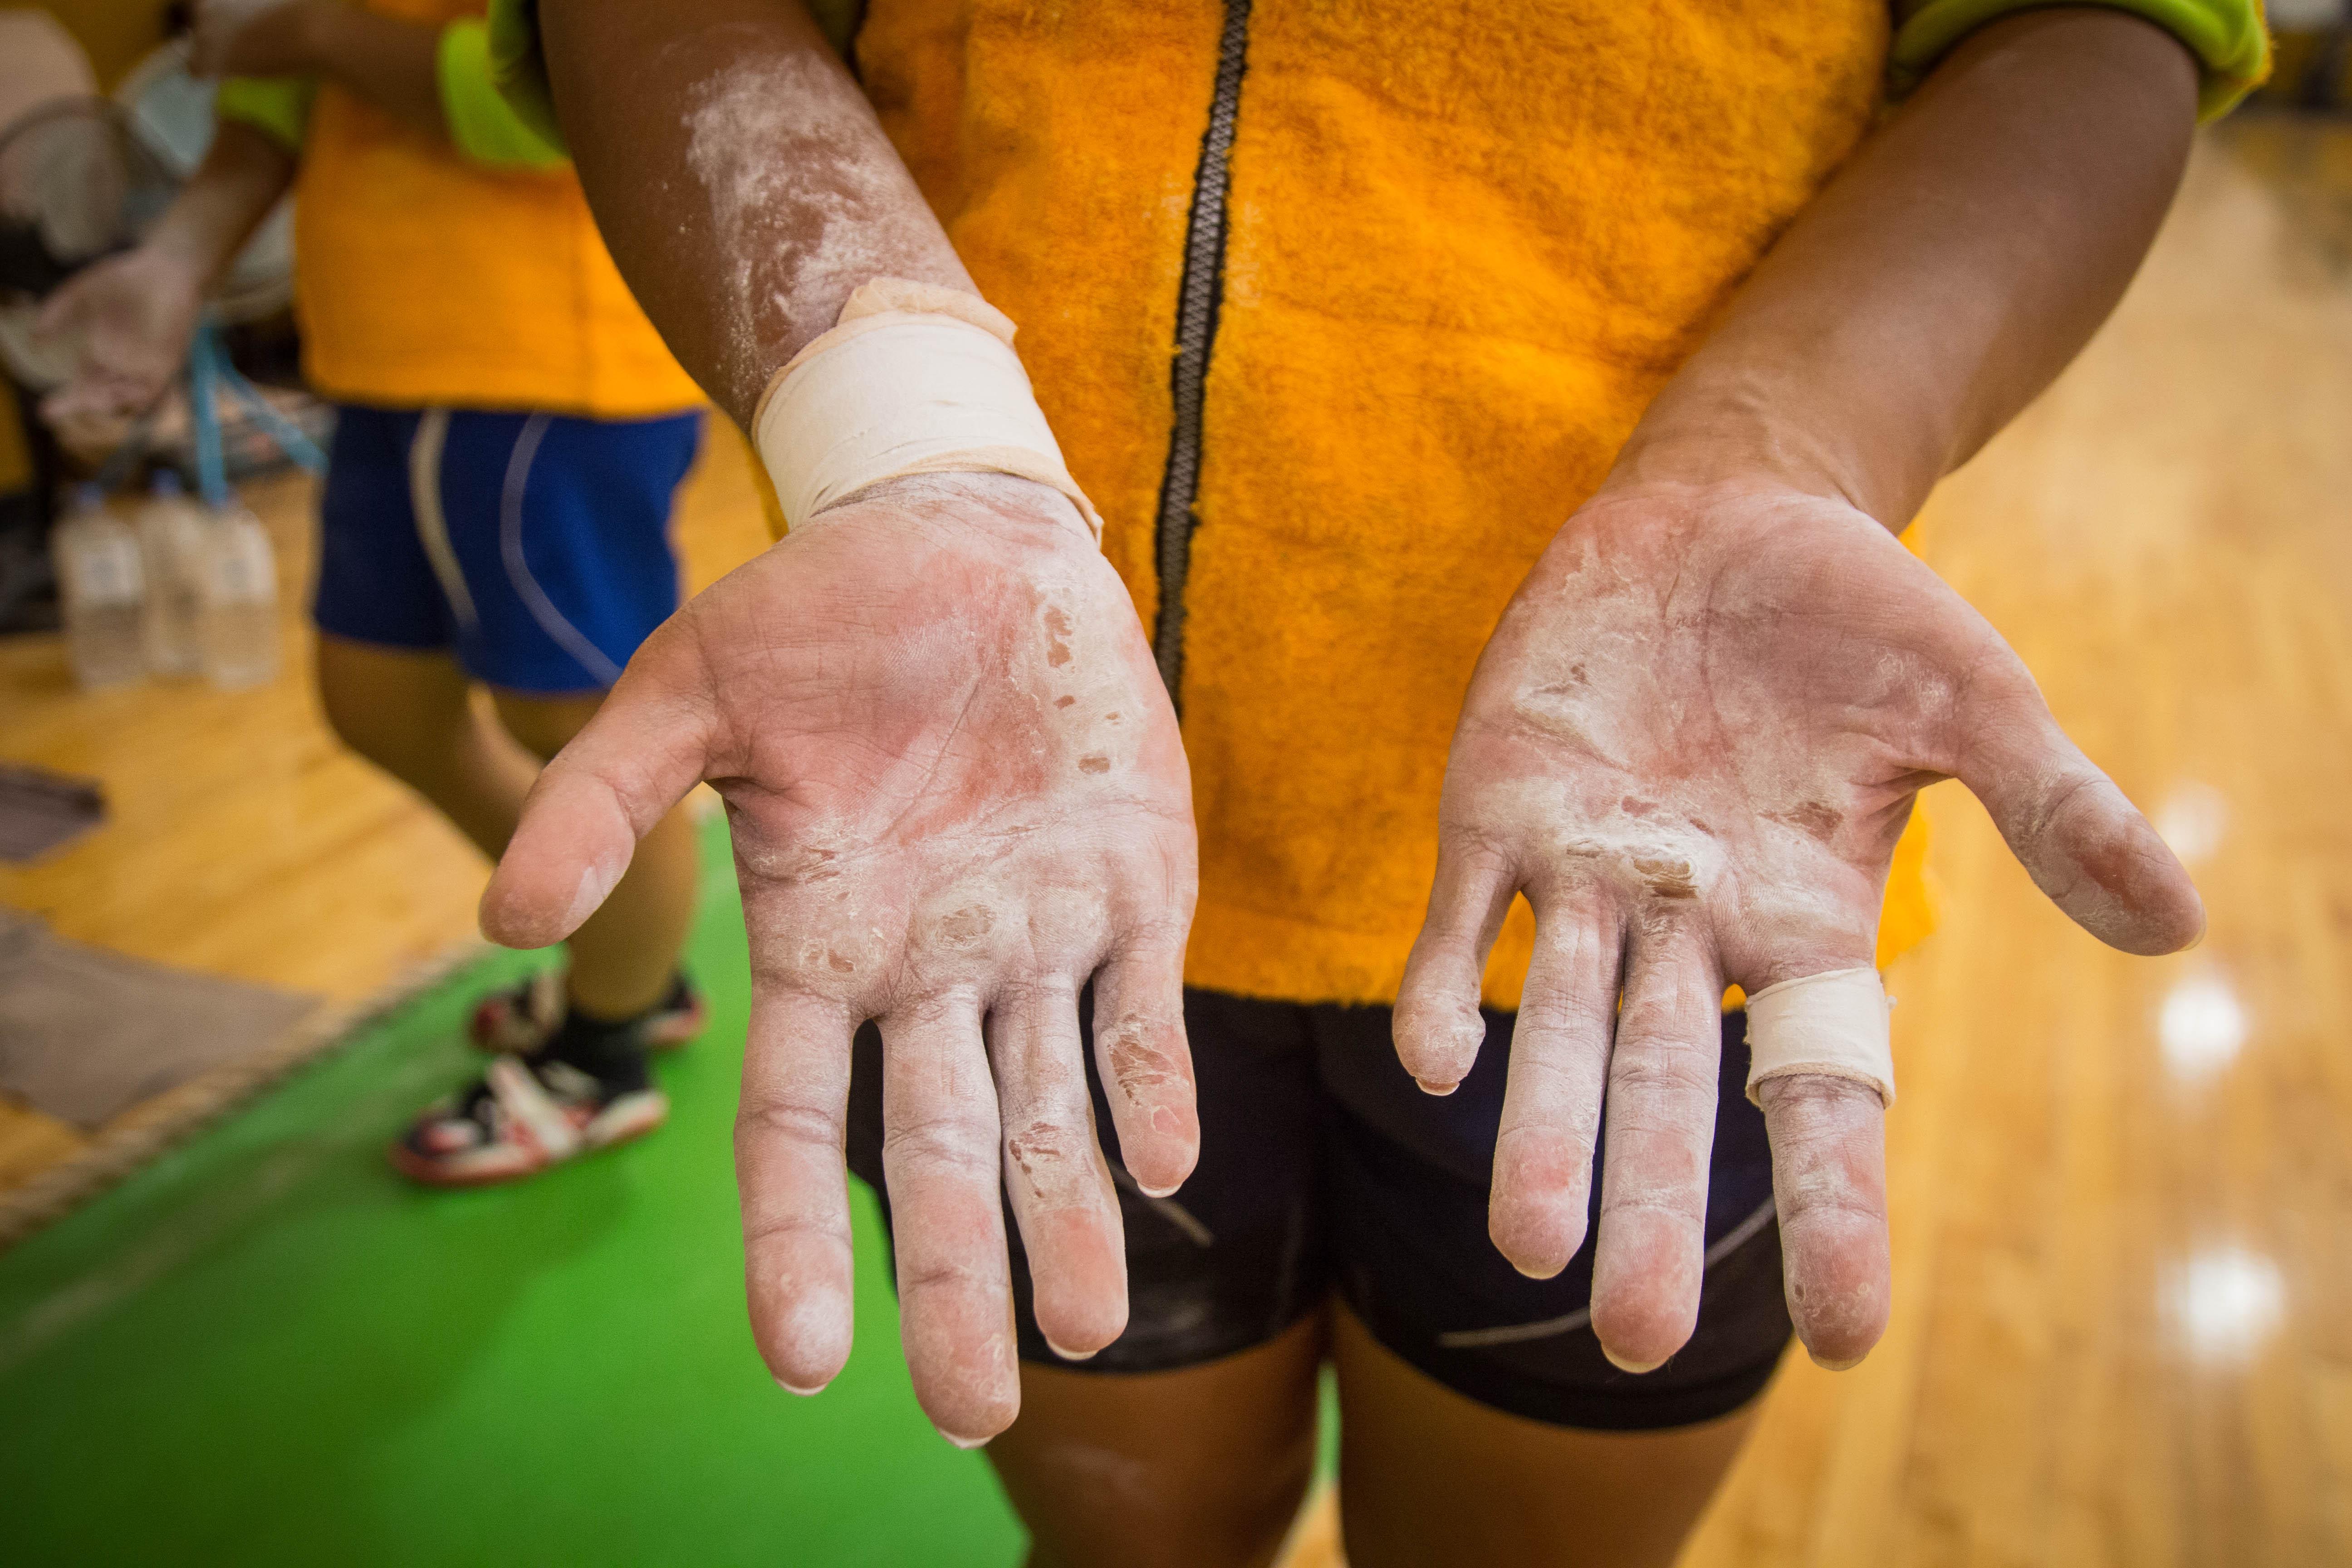 沾滿了防滑粉的手是勤奮練習最好的證明。